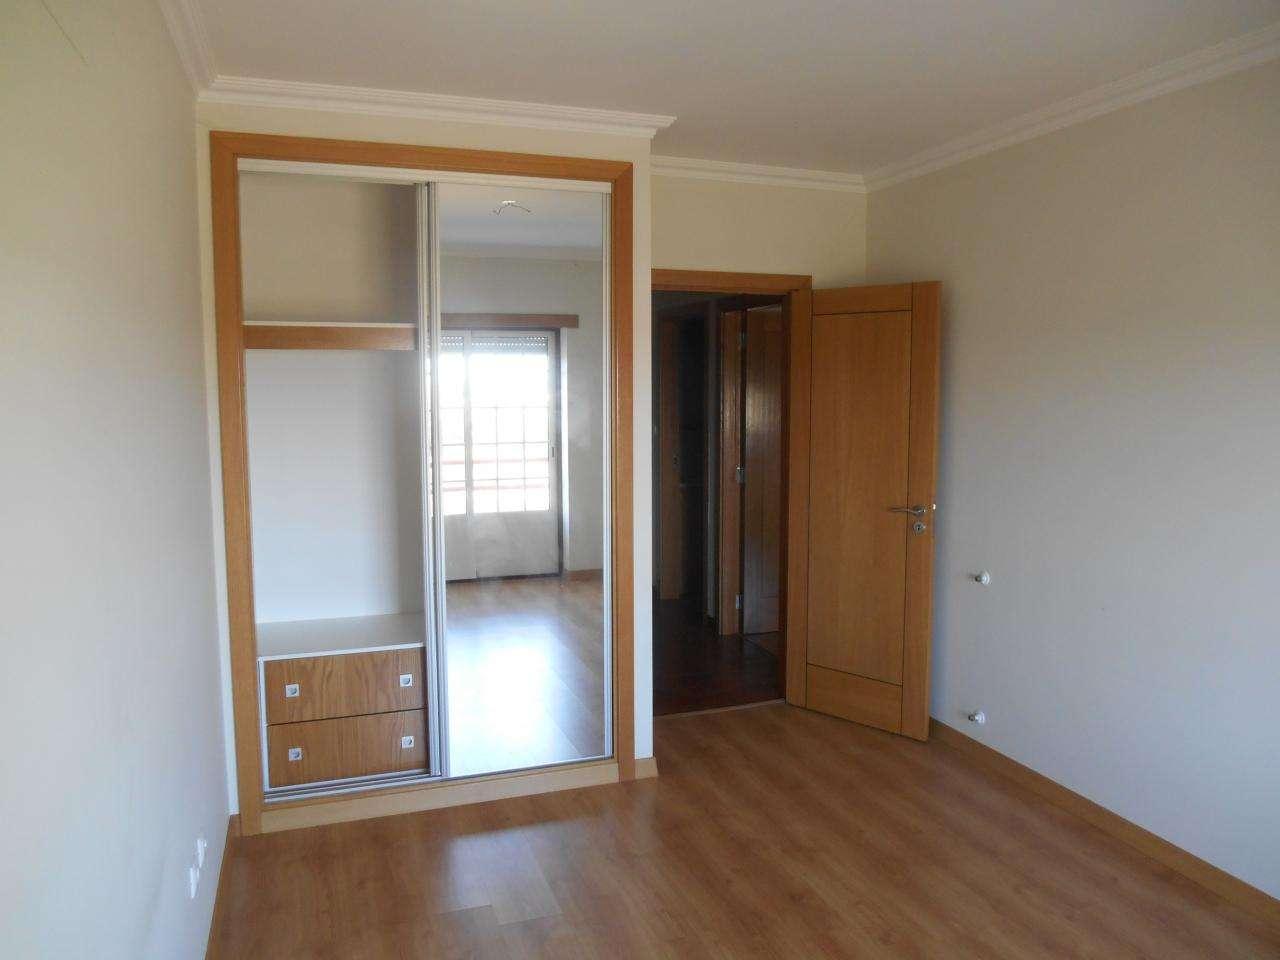 Apartamento para comprar, Zebreira e Segura, Castelo Branco - Foto 20